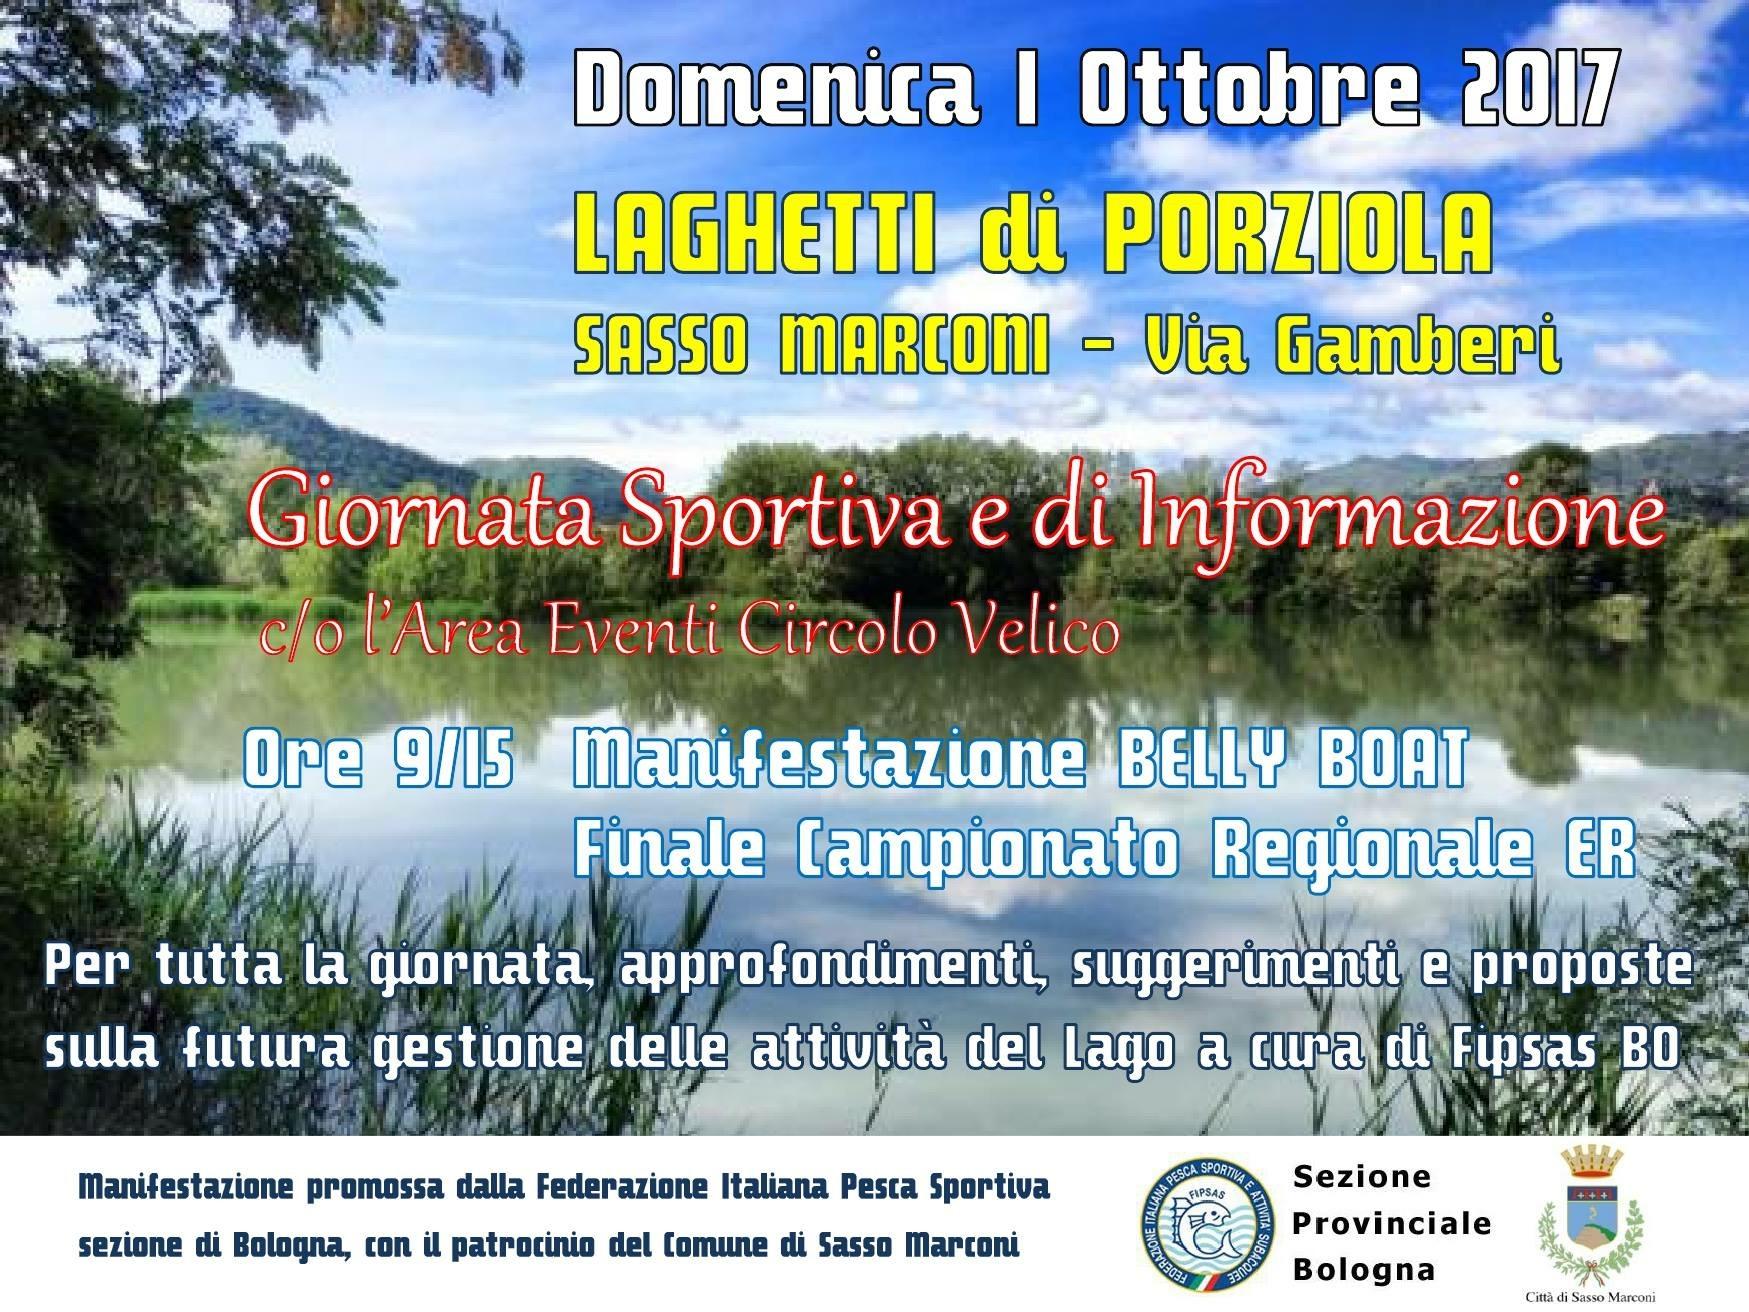 Domenica 1 Ottobre- giornata Sportiva e di informazione presso i Laghetti di Porzola